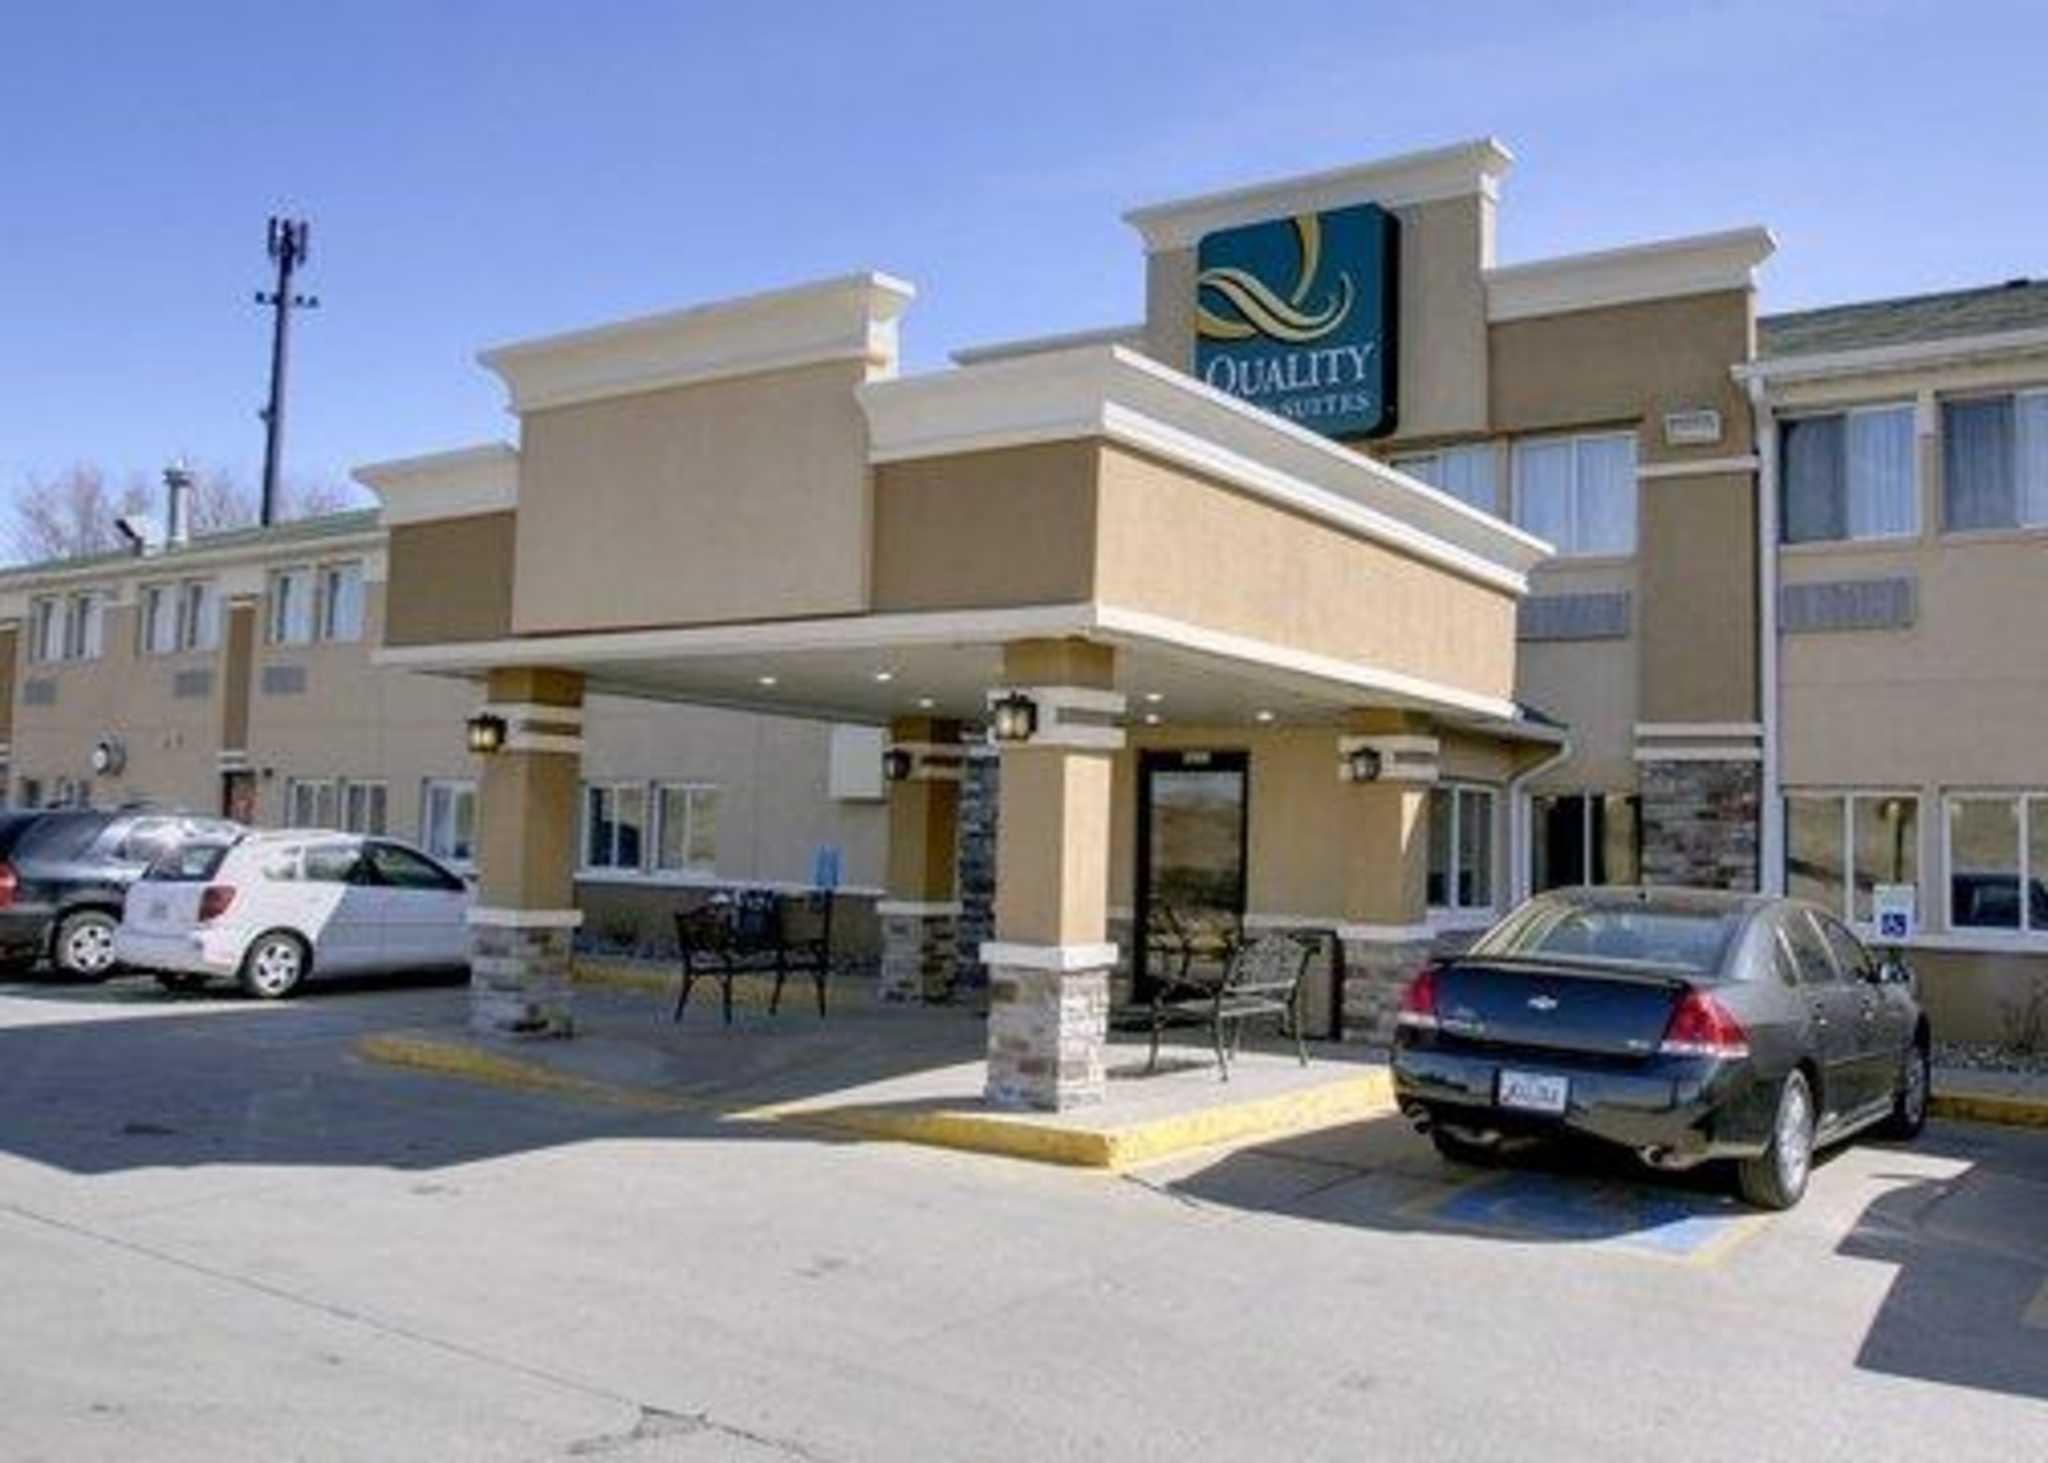 Quality Inn & Suites Des Moines Airport image 0